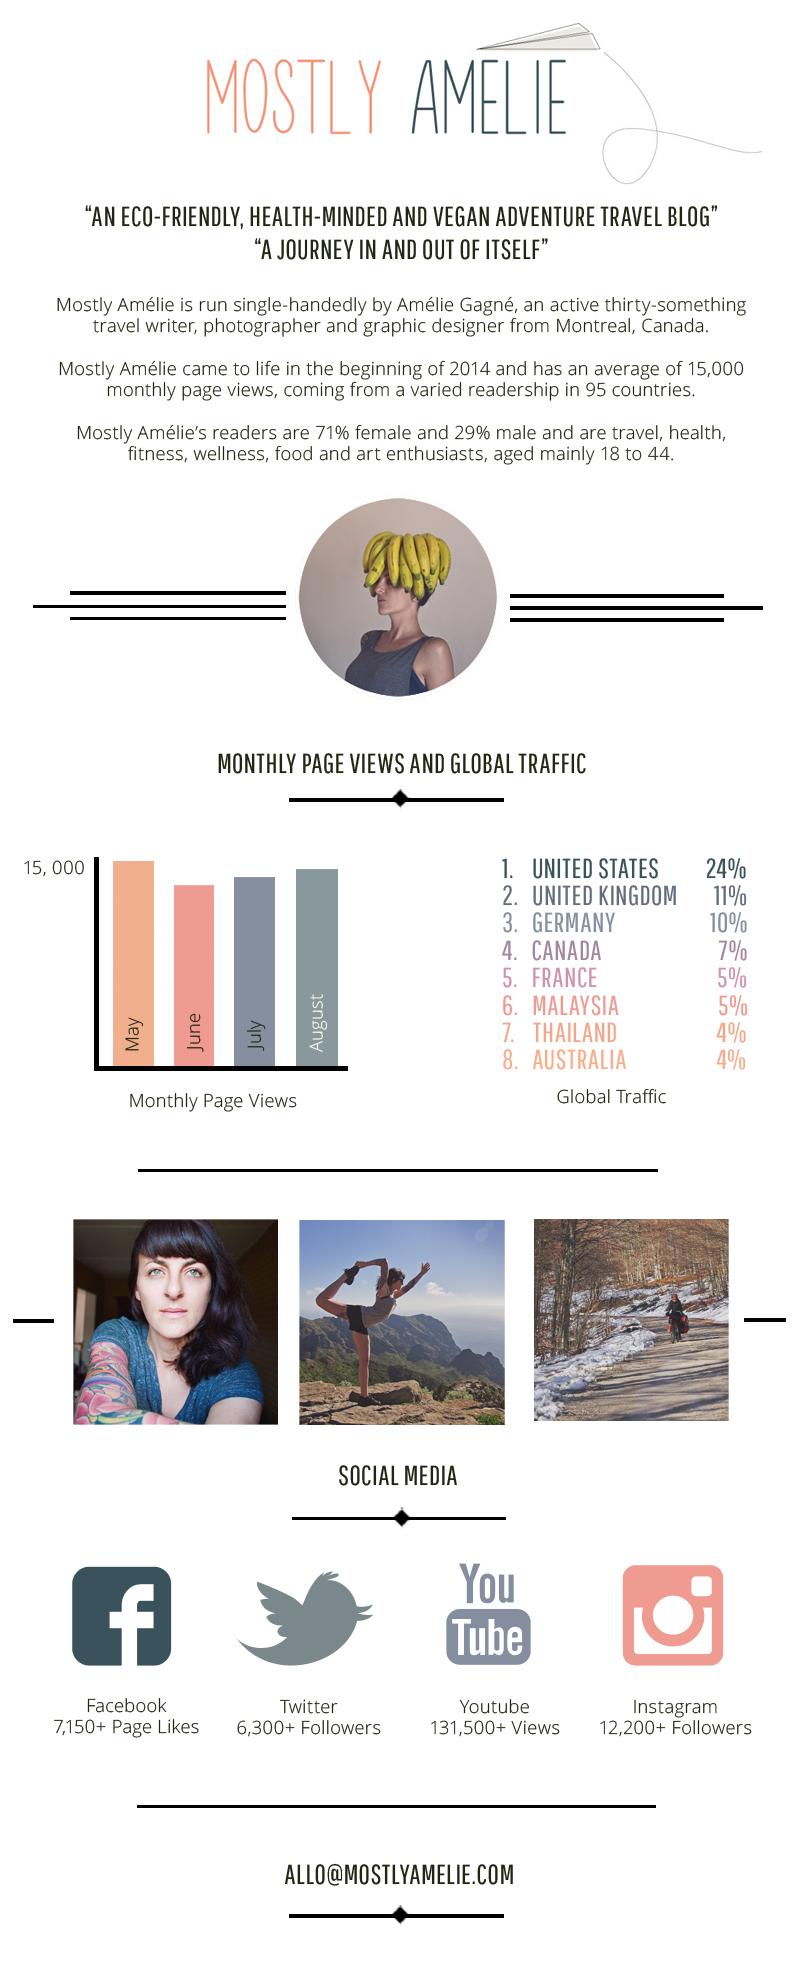 Mostly Amelie Vegan Travel Blog